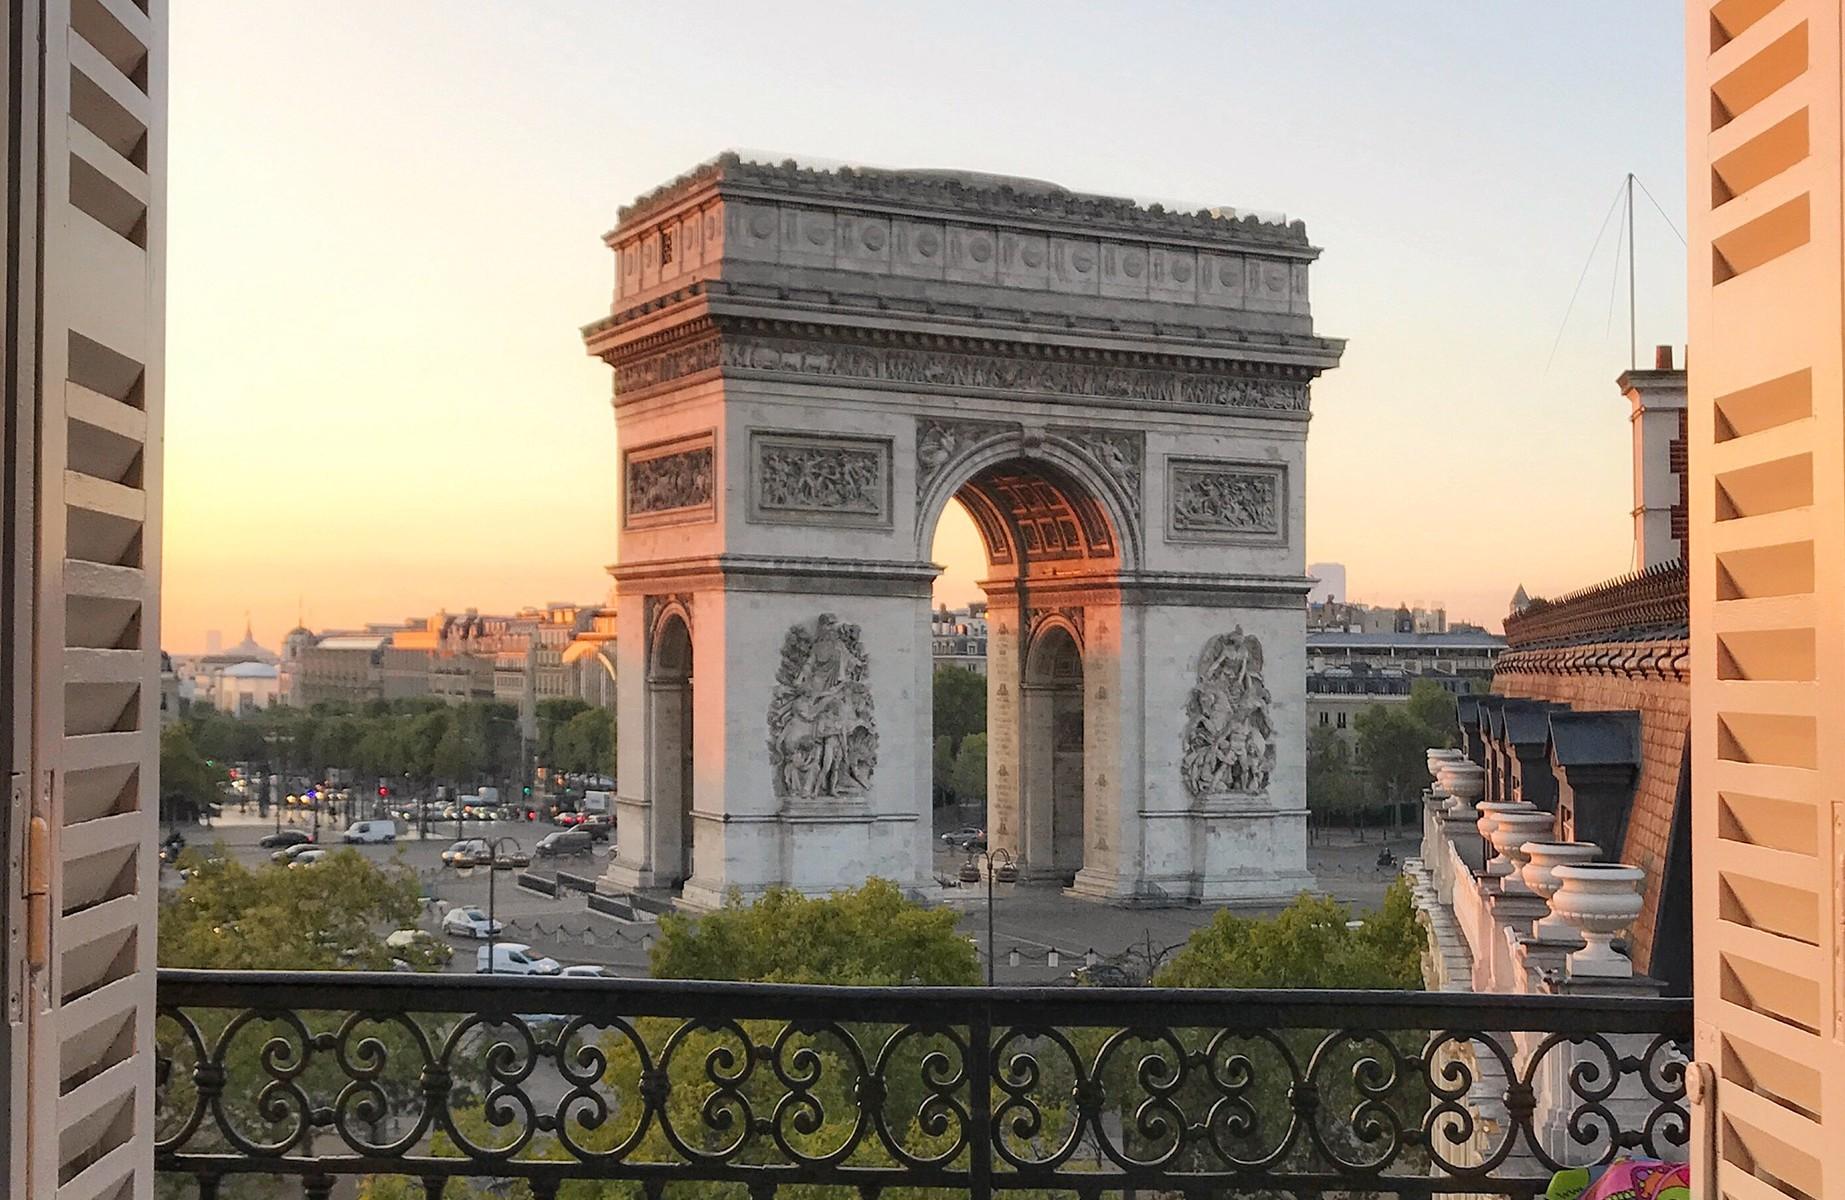 Hotel chateau frontenac paris 2018 world 39 s best hotels for Chateau hotel paris